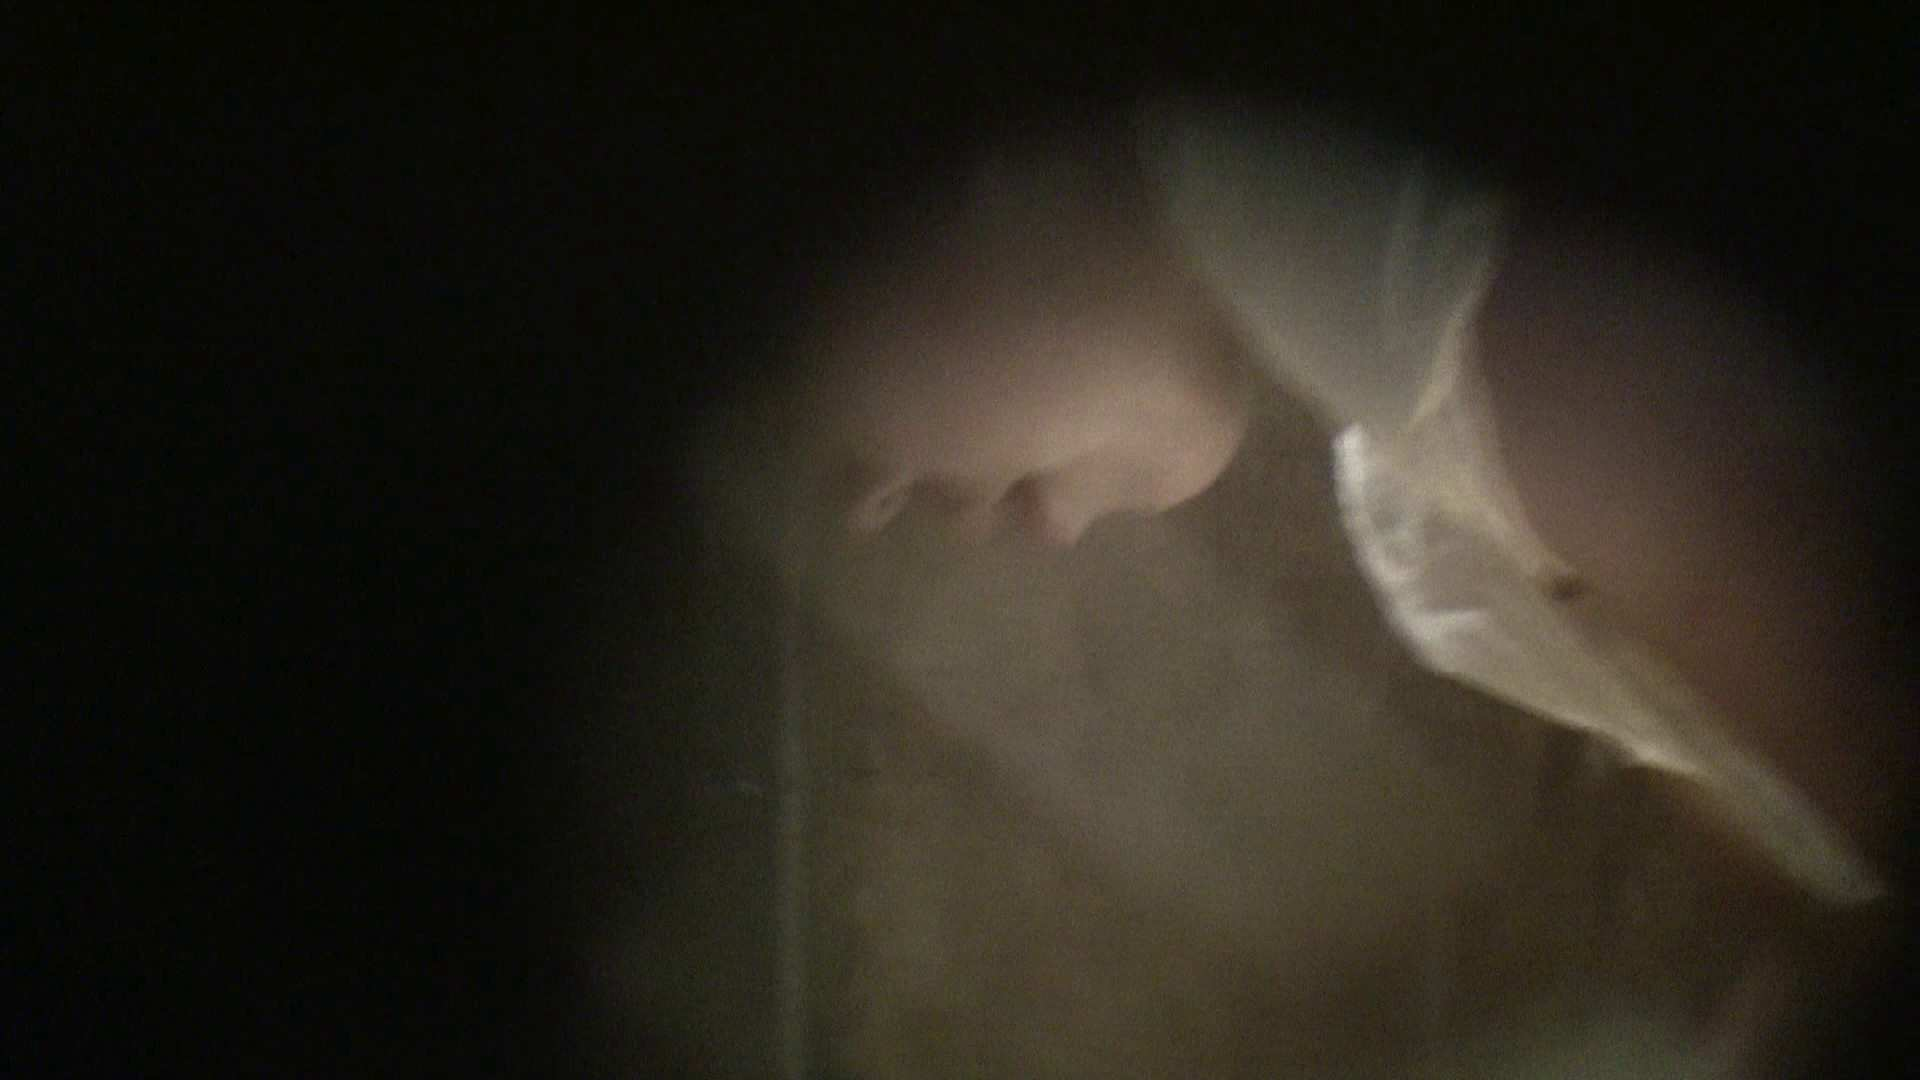 NO.07 短いのでサービス 臨場感をお楽しみください!! シャワー室 | 細身女性  78画像 16